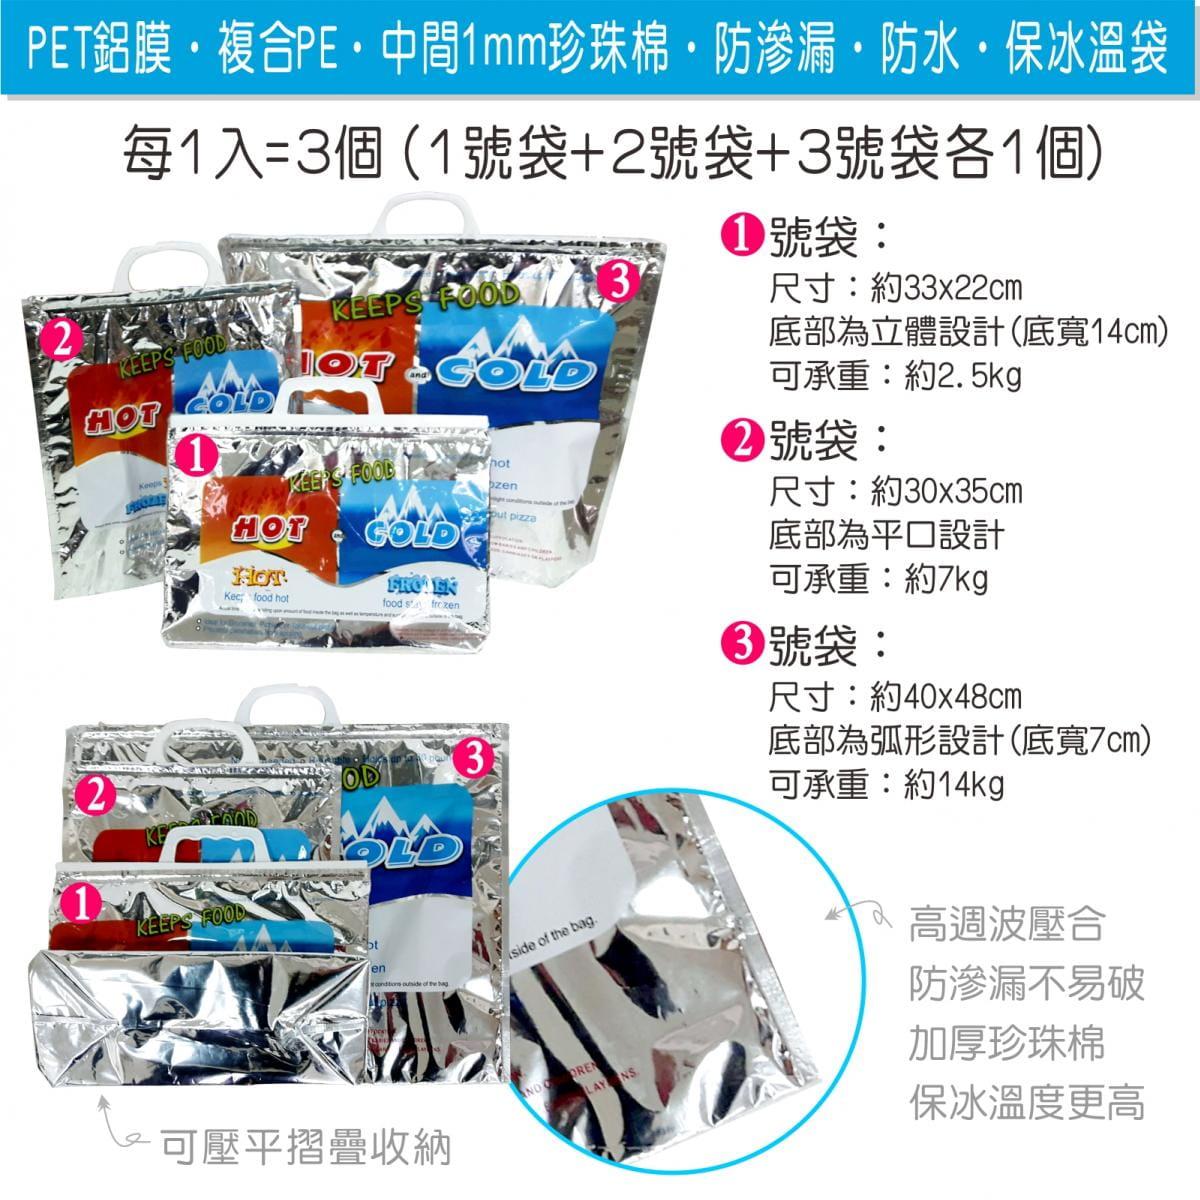 防滲漏保冰溫袋/每組3個 1